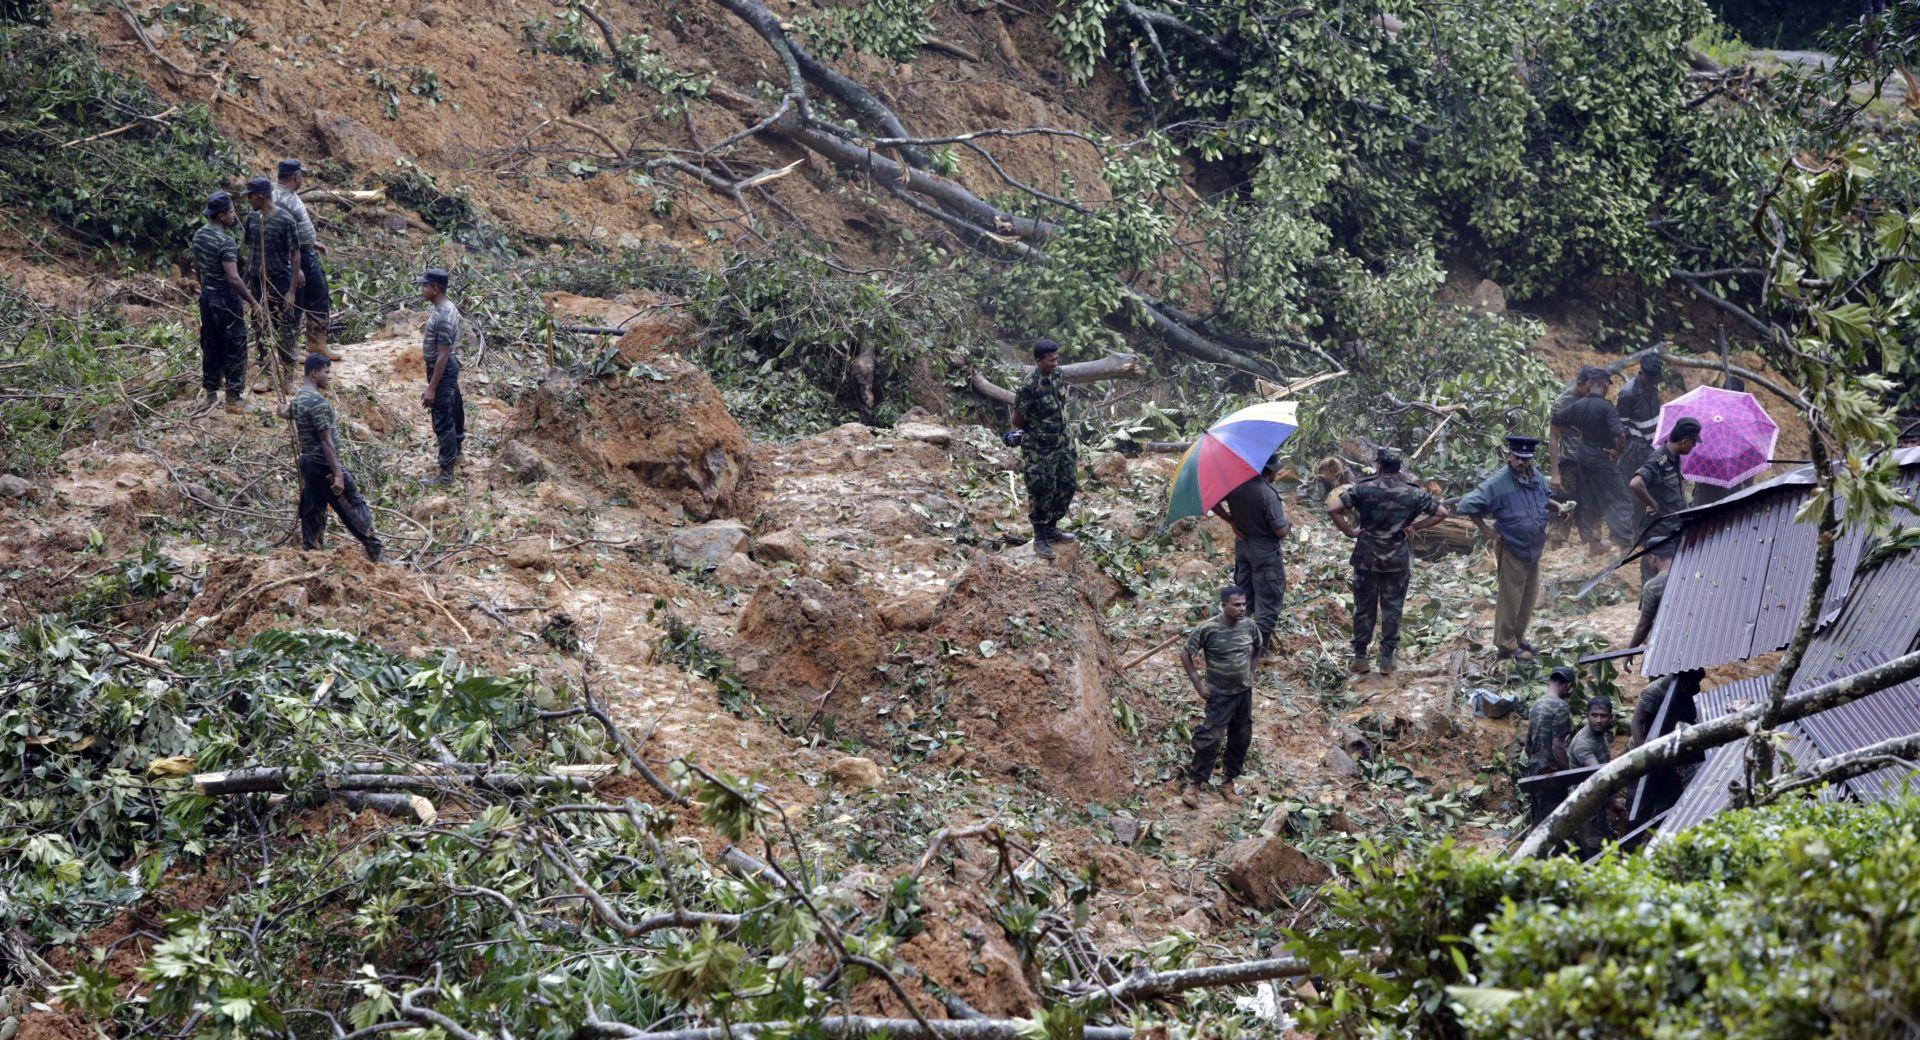 ŠRI LANKA Spasitelji tragaju za više od 100 nestalih u odronima zemlje